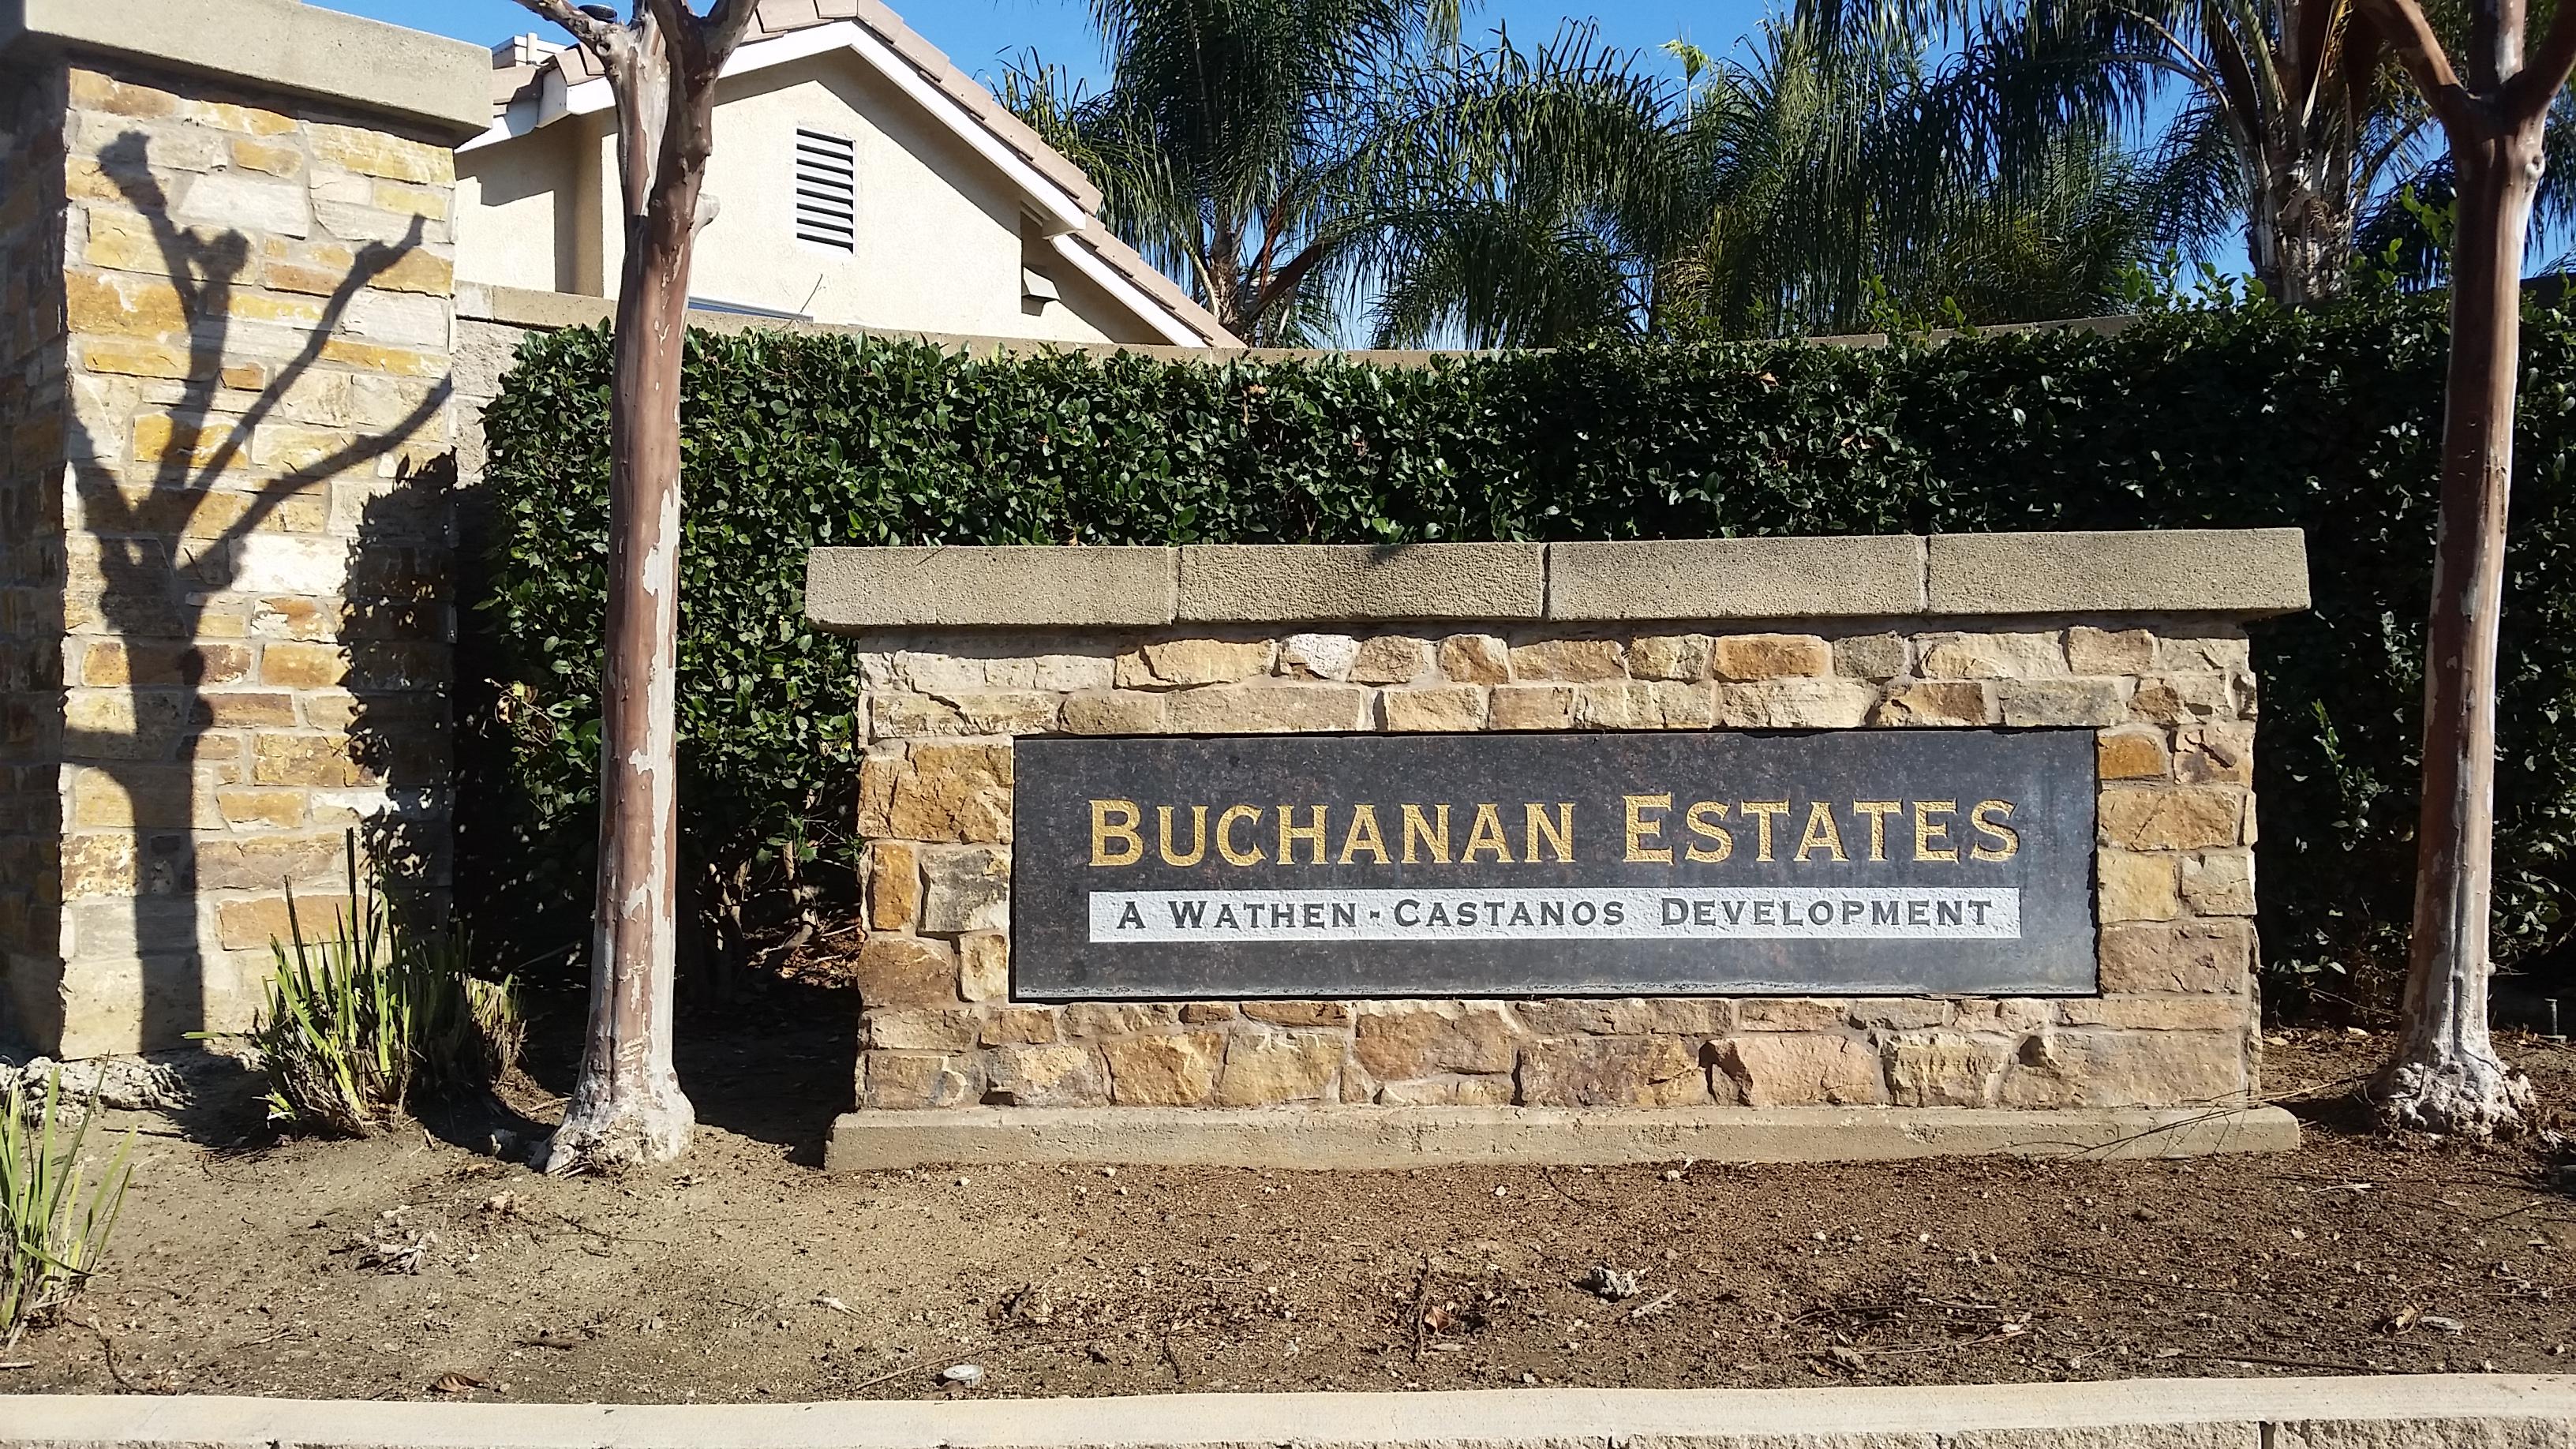 Buchanan Estates